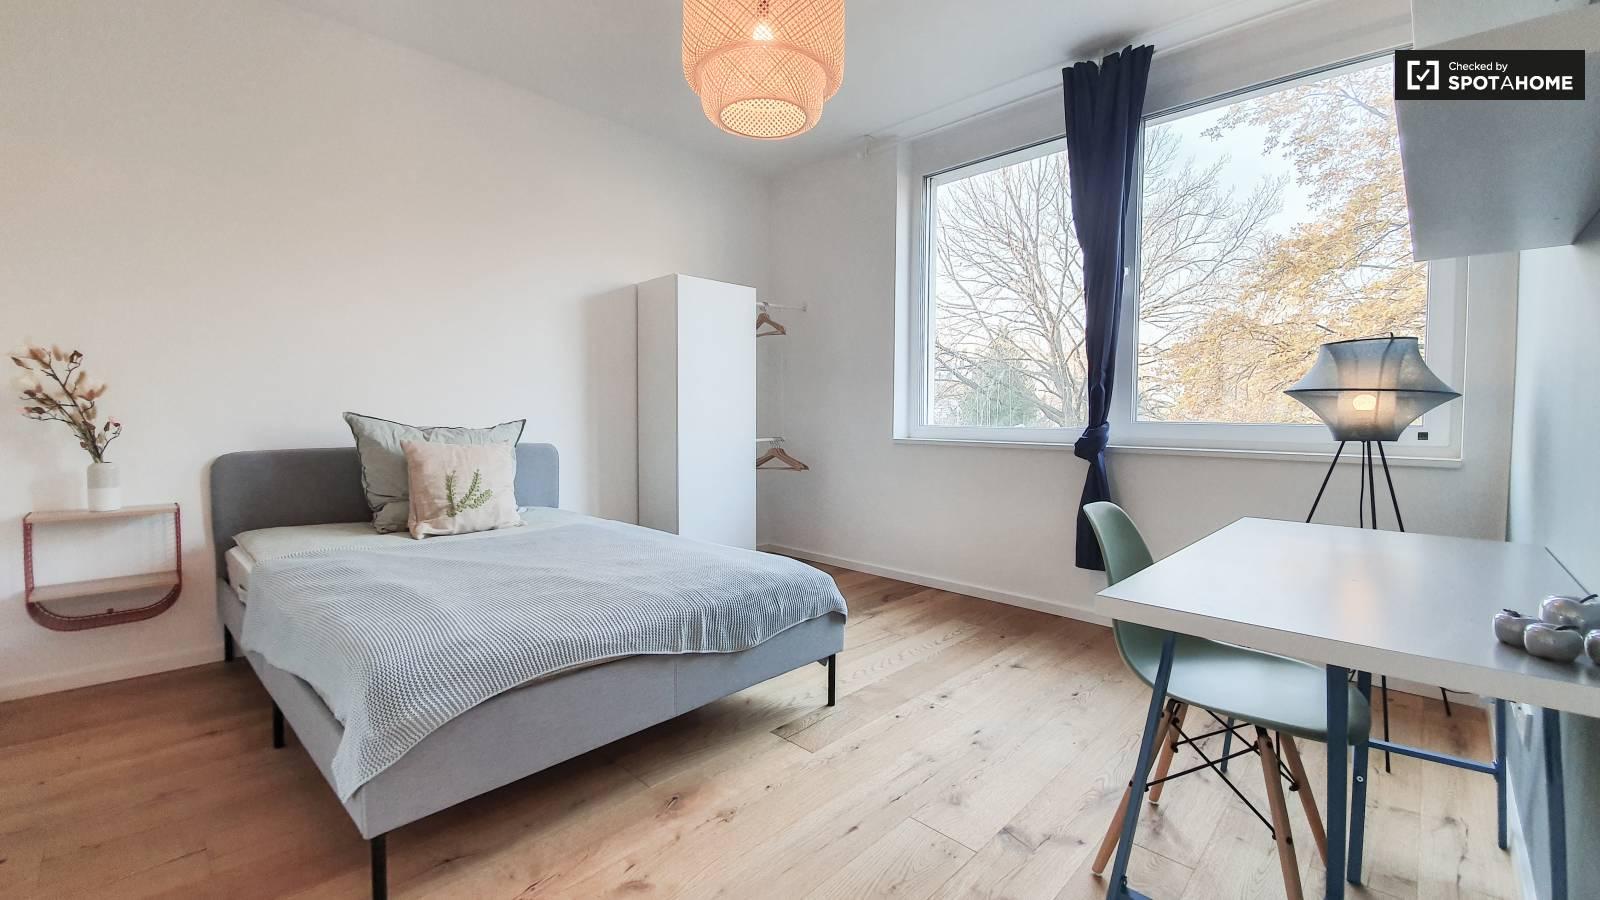 Camera In Affitto In Appartamento Con 4 Camere Da Letto A Berlino Ref 470240 Spotahome